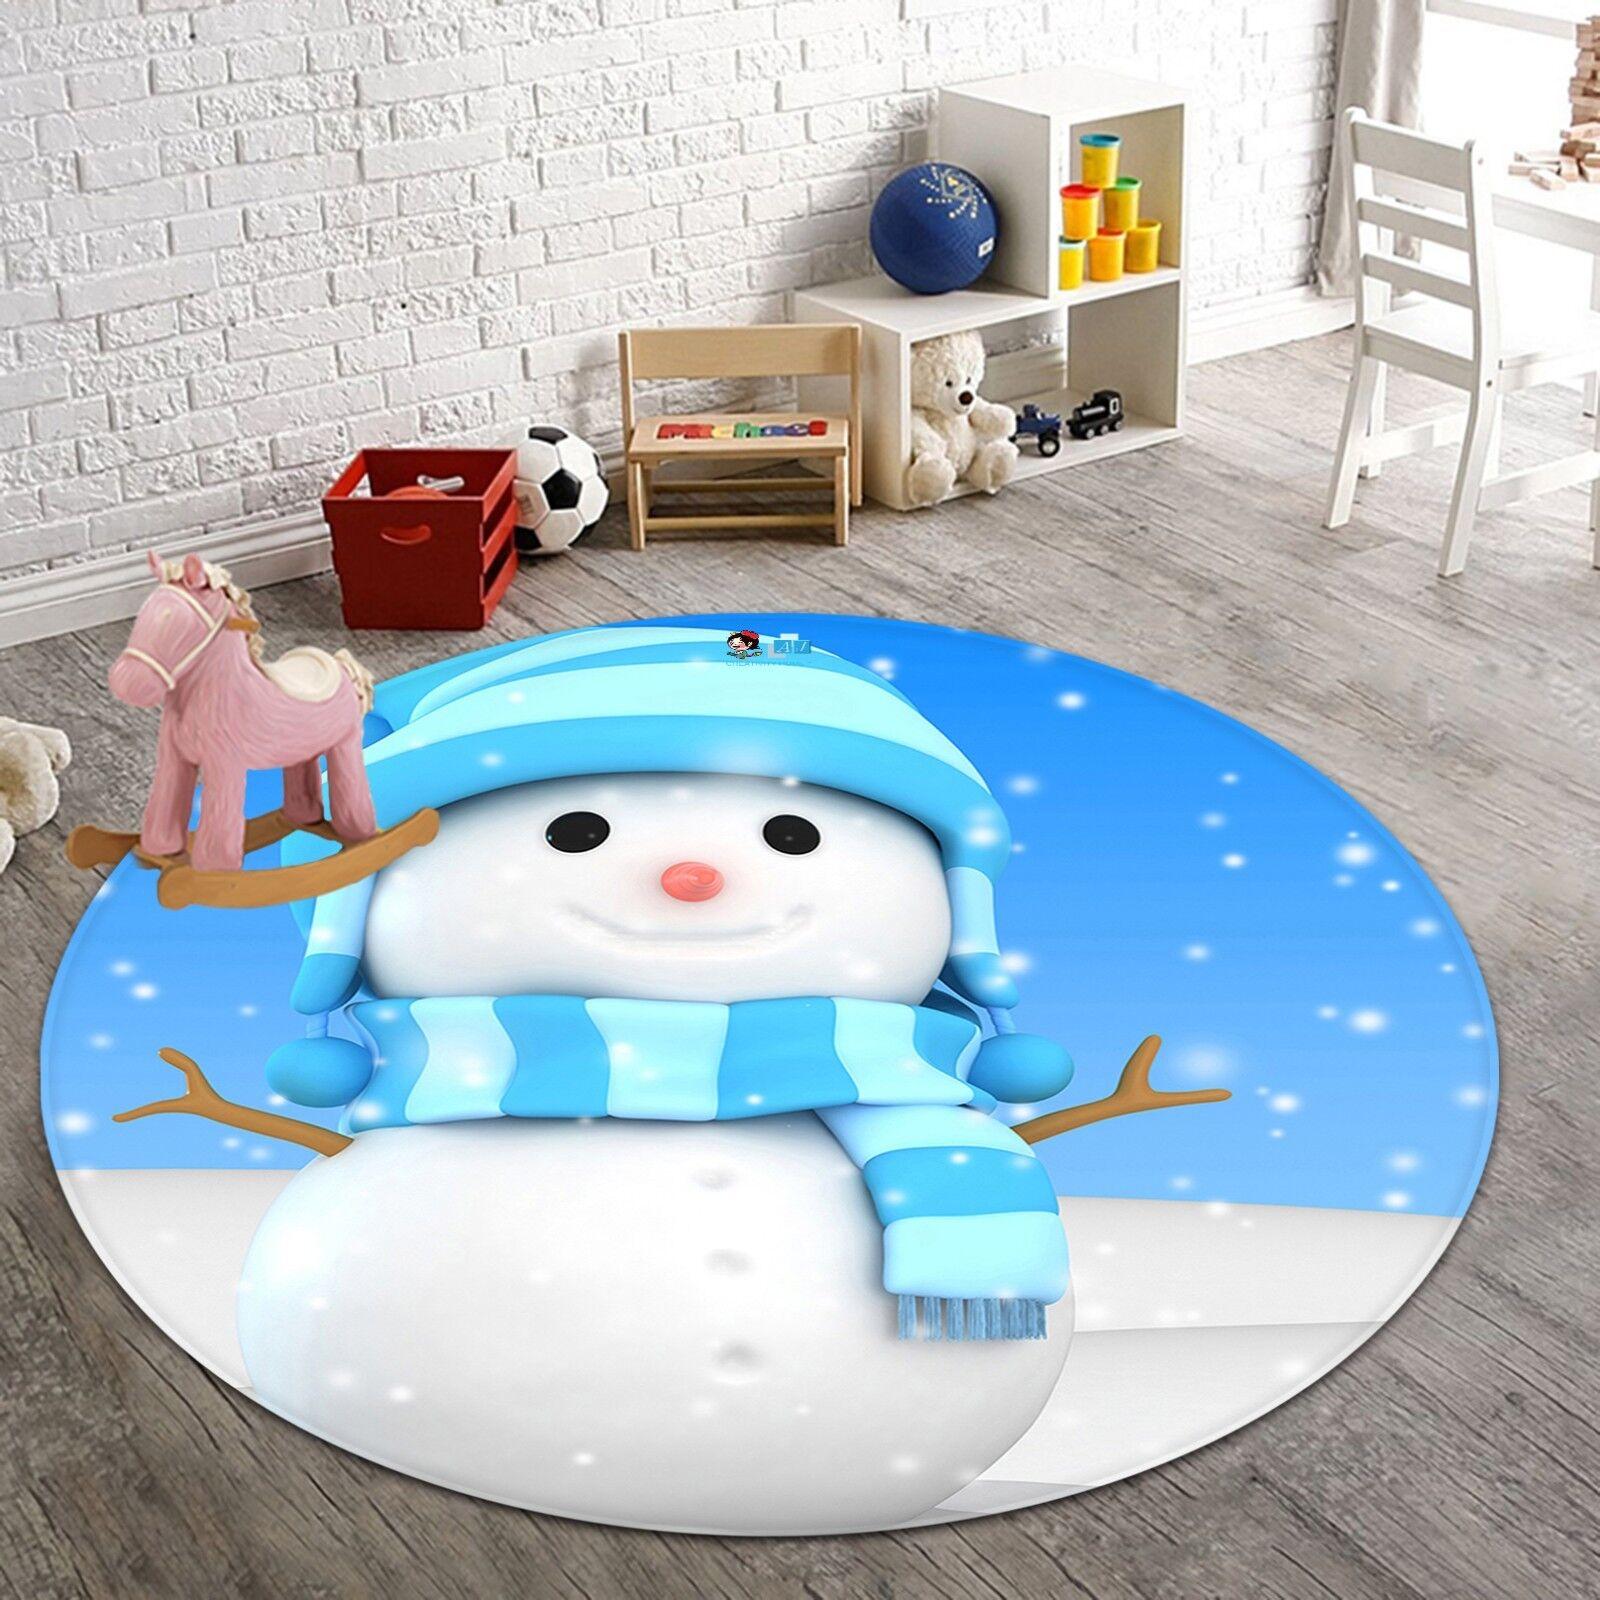 3D Natale Xmas 615 Antiscivolo Tappeto Tappetino stuoia di qualità rossoondo Elegante Tappeto foto Regno Unito